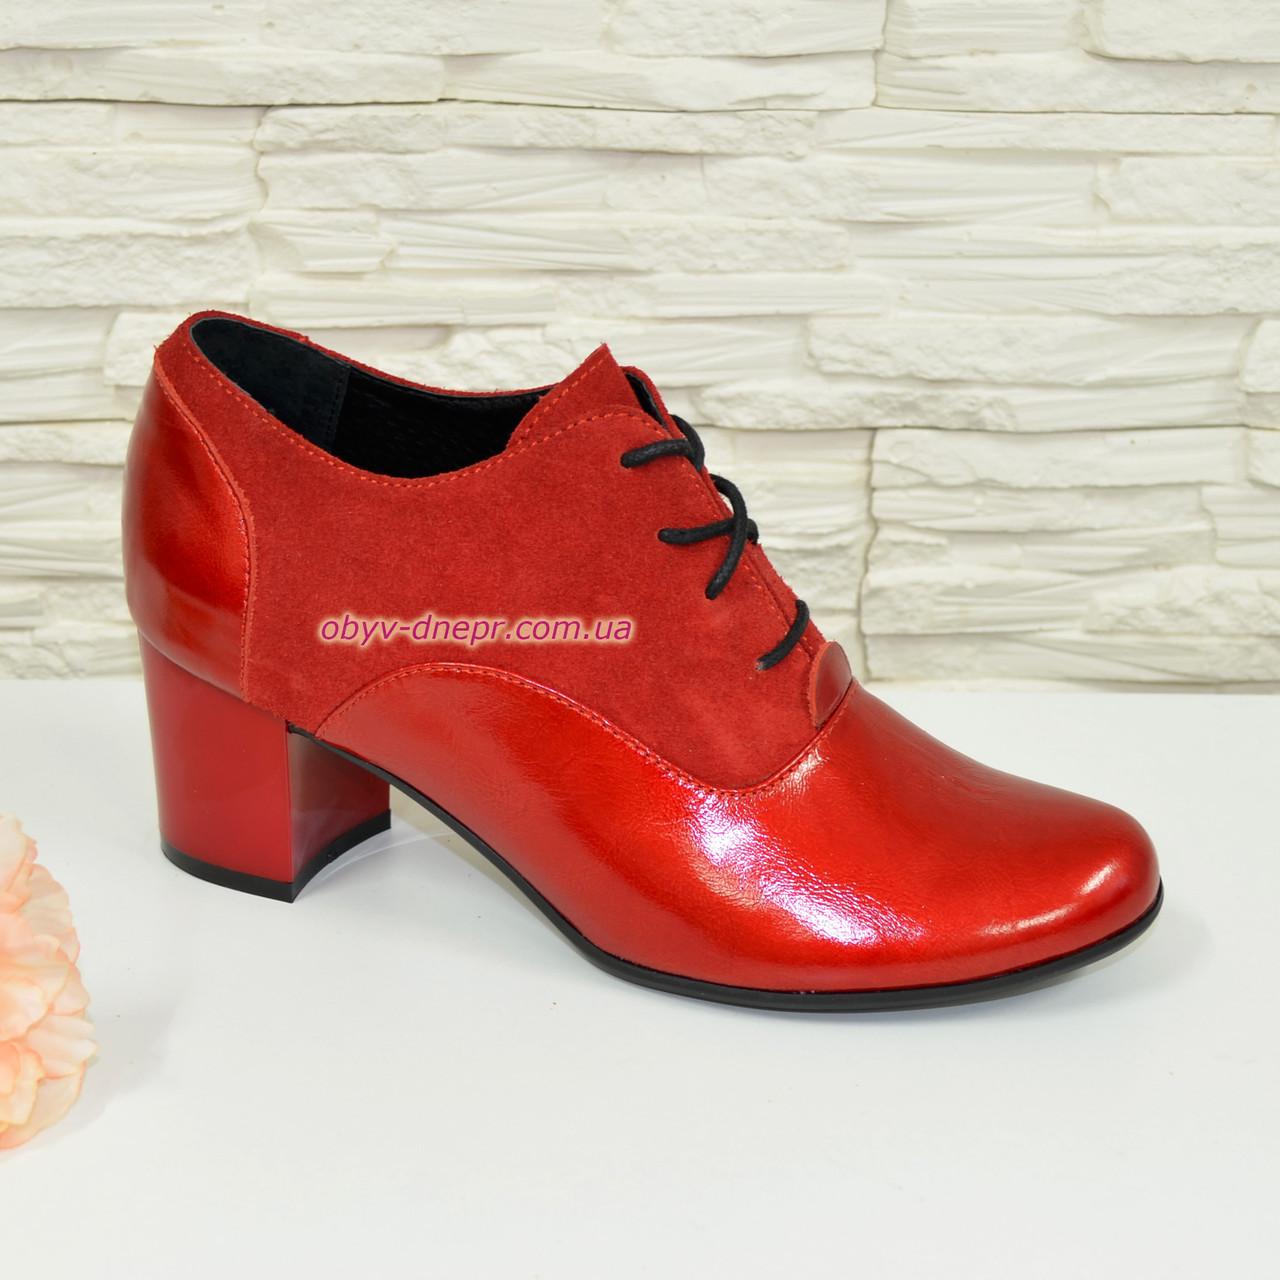 Туфли женские на устойчивом каблуке, натуральная замша и кожа красного цвета.